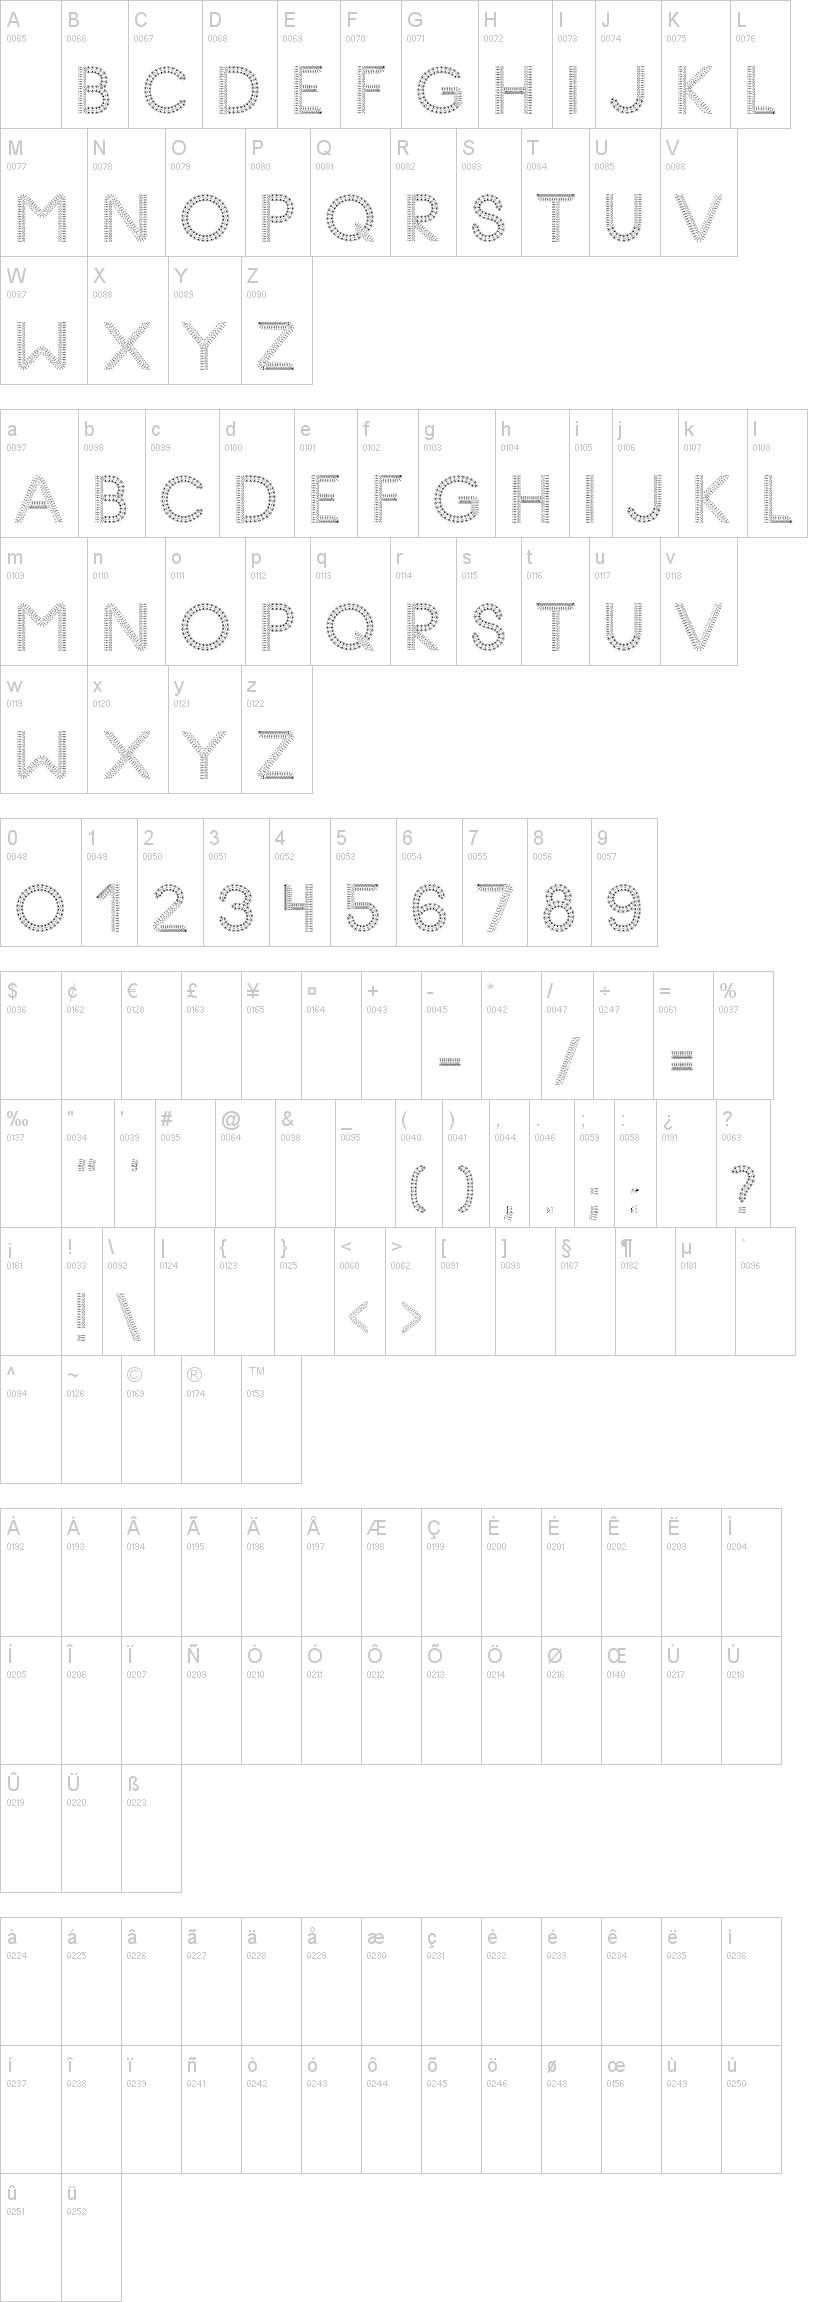 Knitting Font Dafont : Glyph stitch dafont